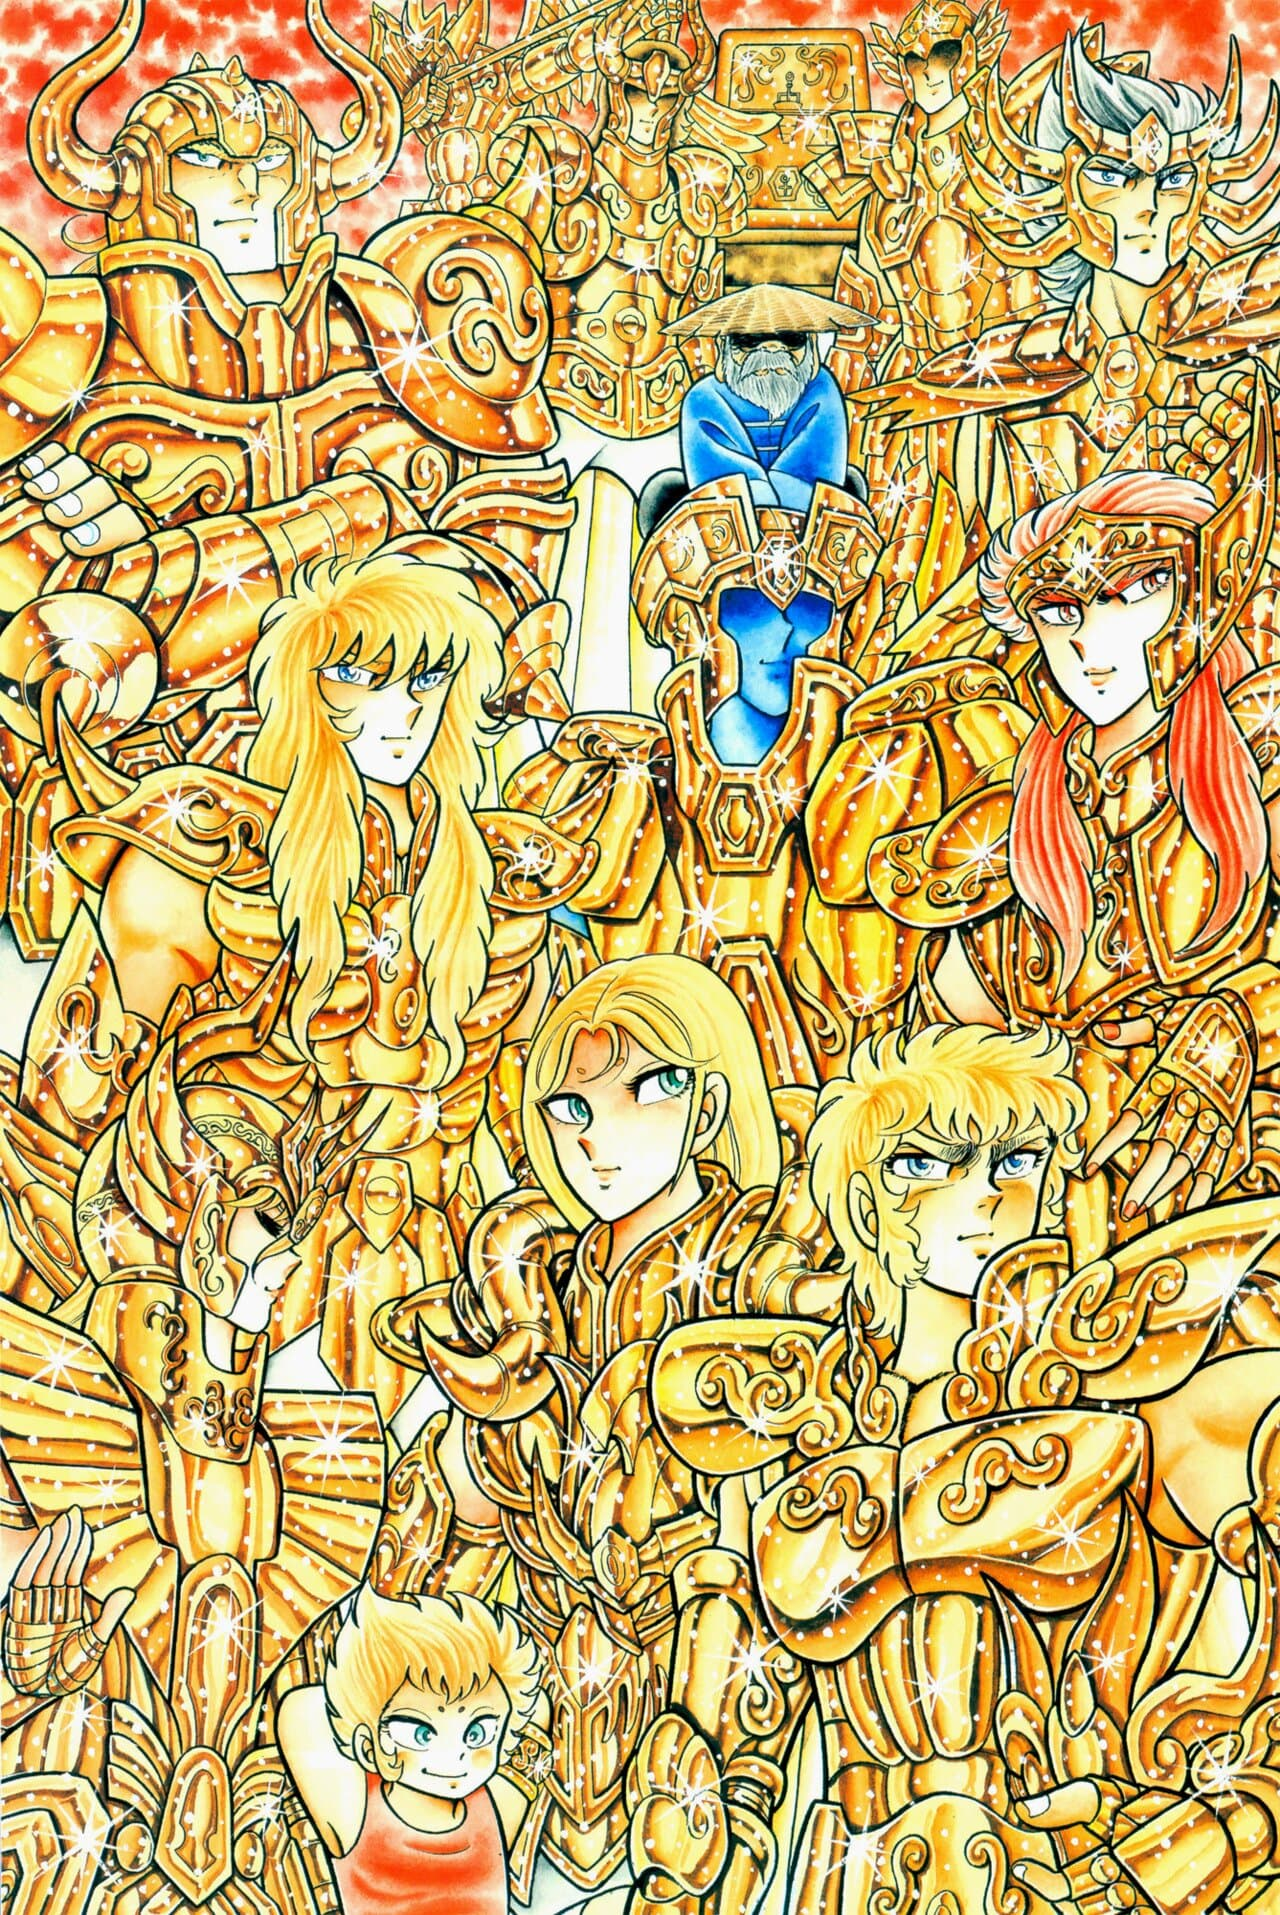 masami kurumada saint seiya manga